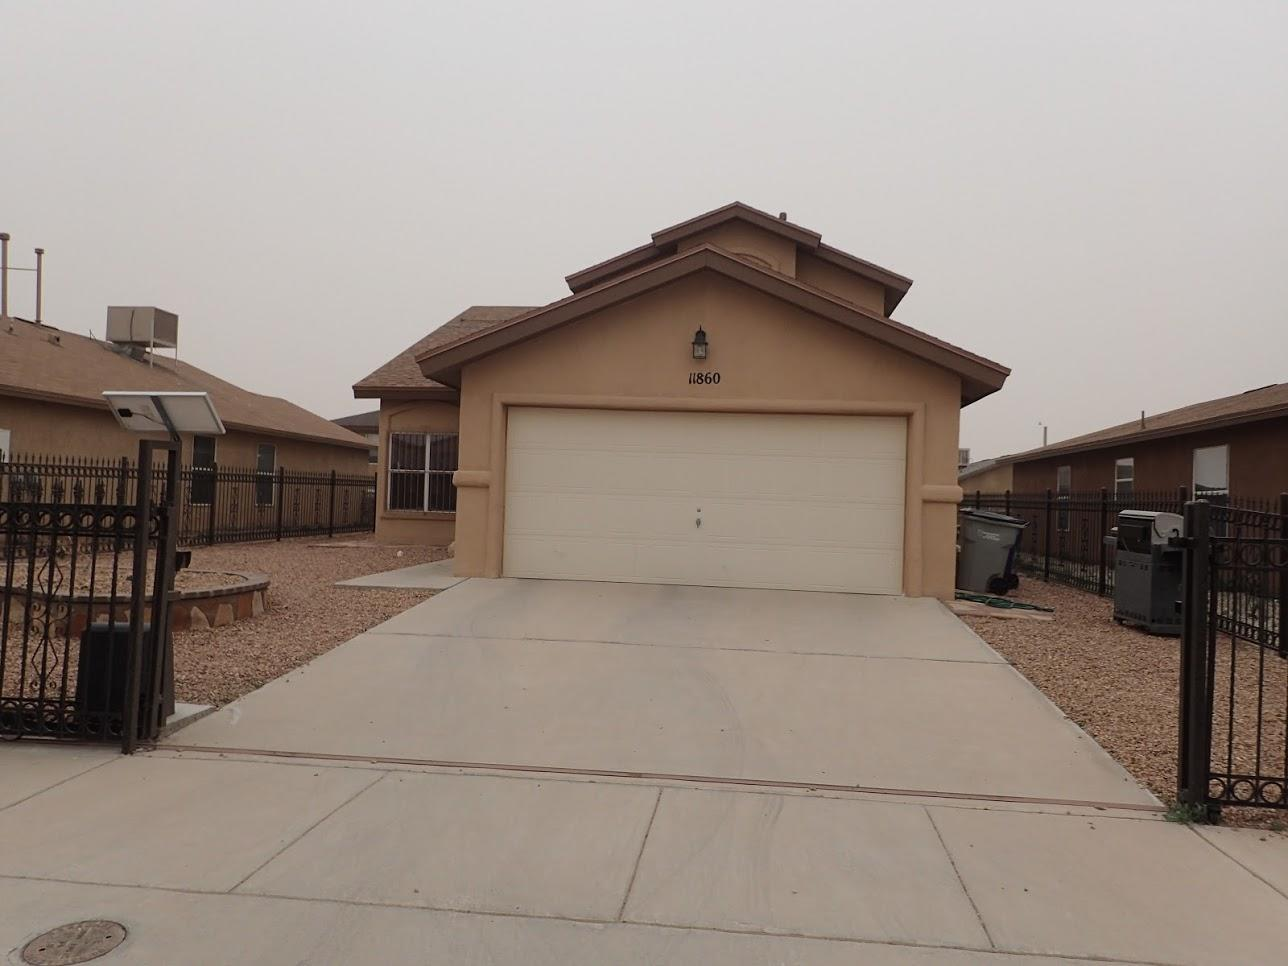 11860 MESQUITE ROCK, El Paso, Texas 79934, 3 Bedrooms Bedrooms, ,3 BathroomsBathrooms,Residential Rental,For Rent,MESQUITE ROCK,805350